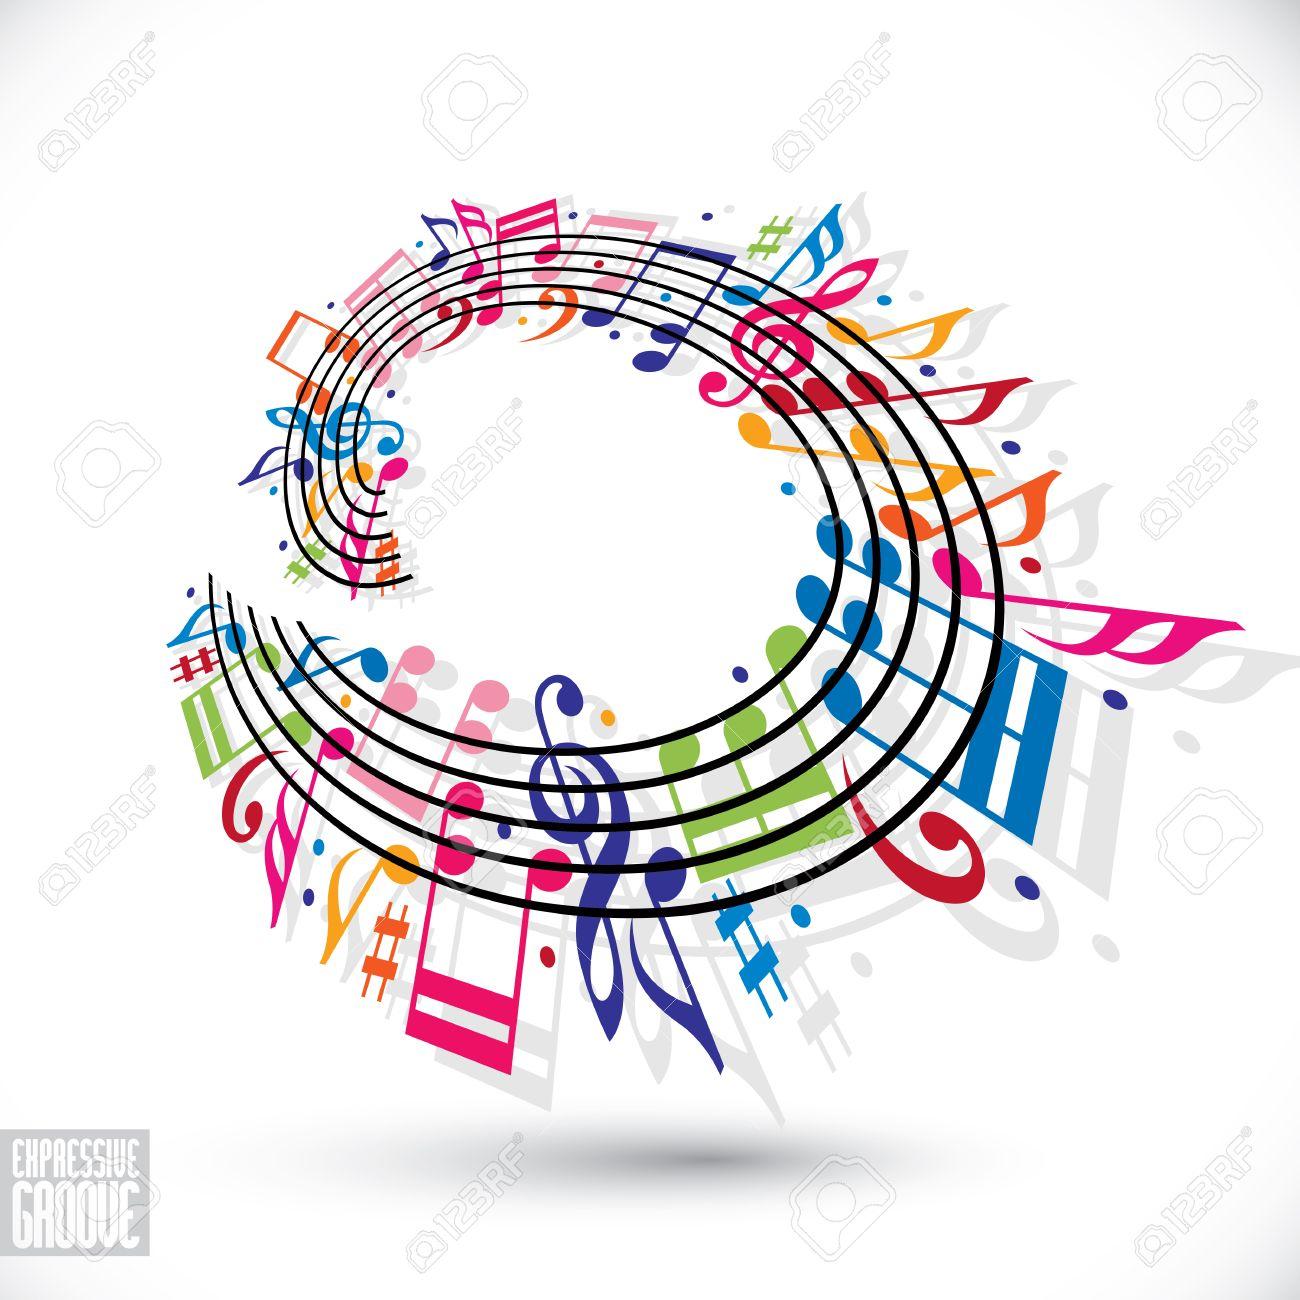 Concepto Ranura Expresivo. Fondo Colorido De La Música Con Clave Y ...